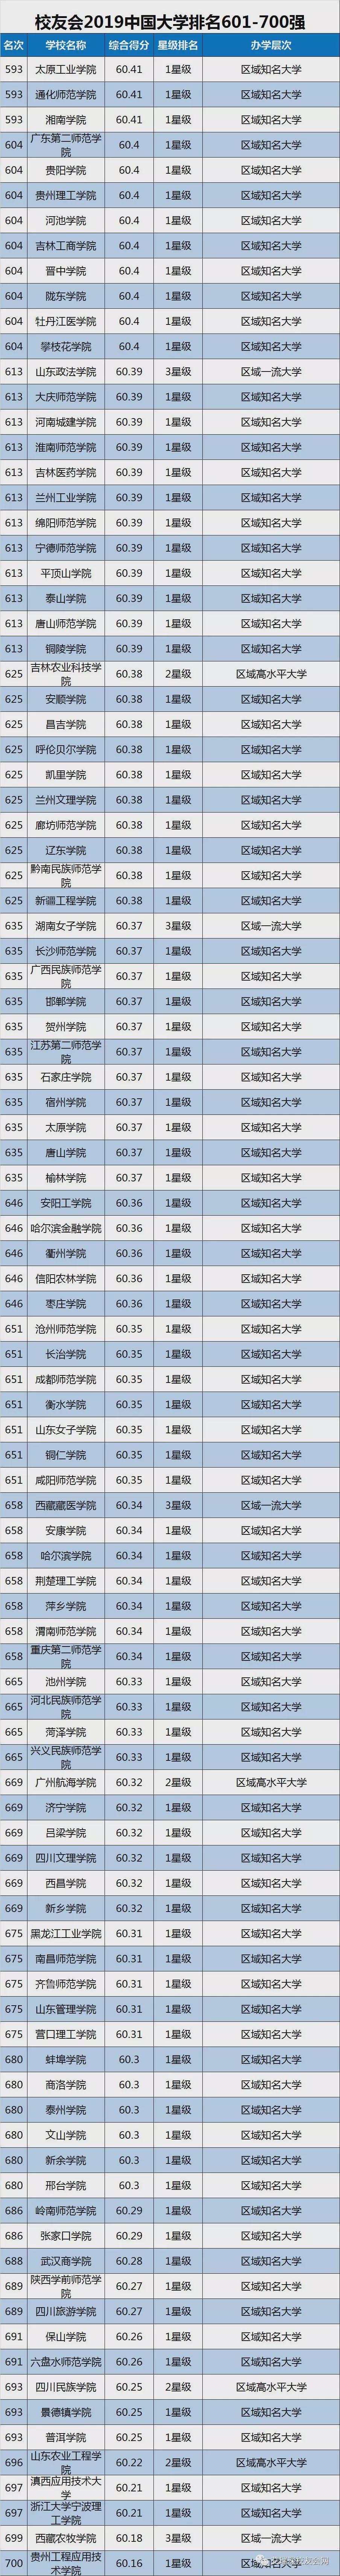 2019中国大学排名1200强发布,附双一流院校排行榜